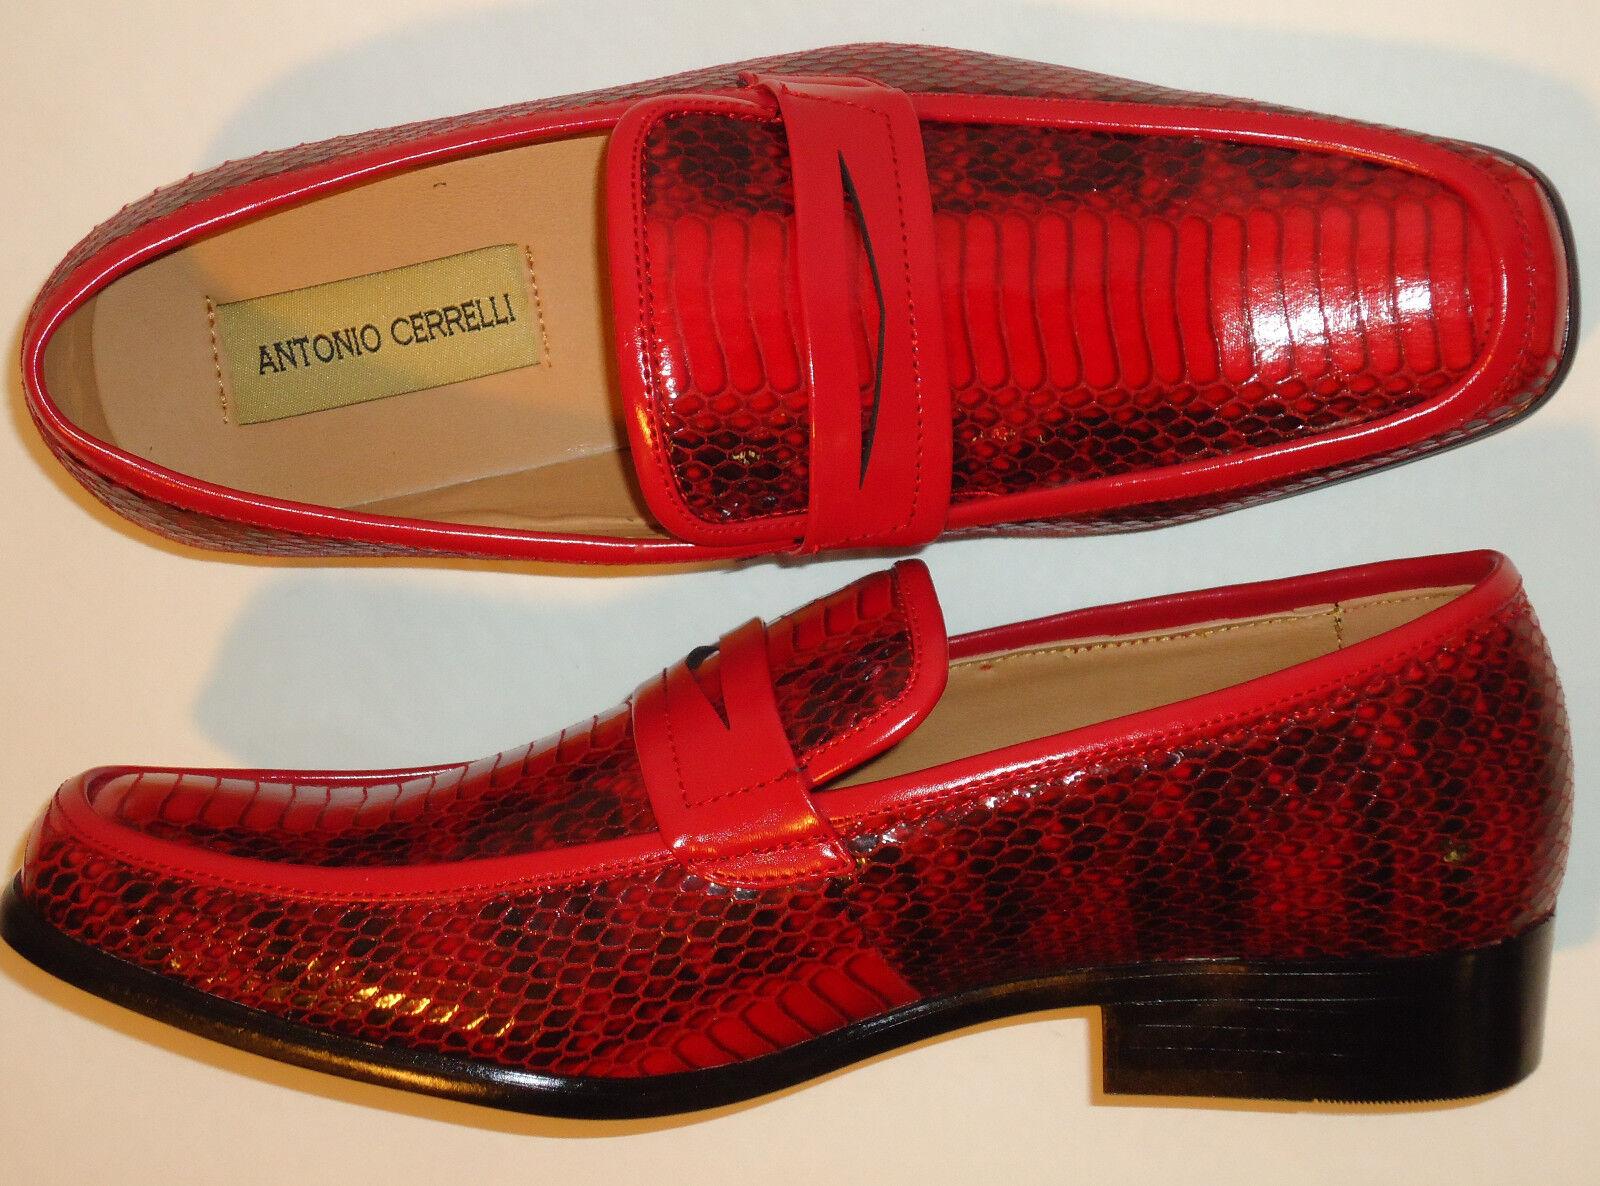 Antonio cerrelli 6494 Para Hombre Rojo Y en Negro Imitación Serpiente en Y Relieve SLIP ON DRESS Mocasines e0323b